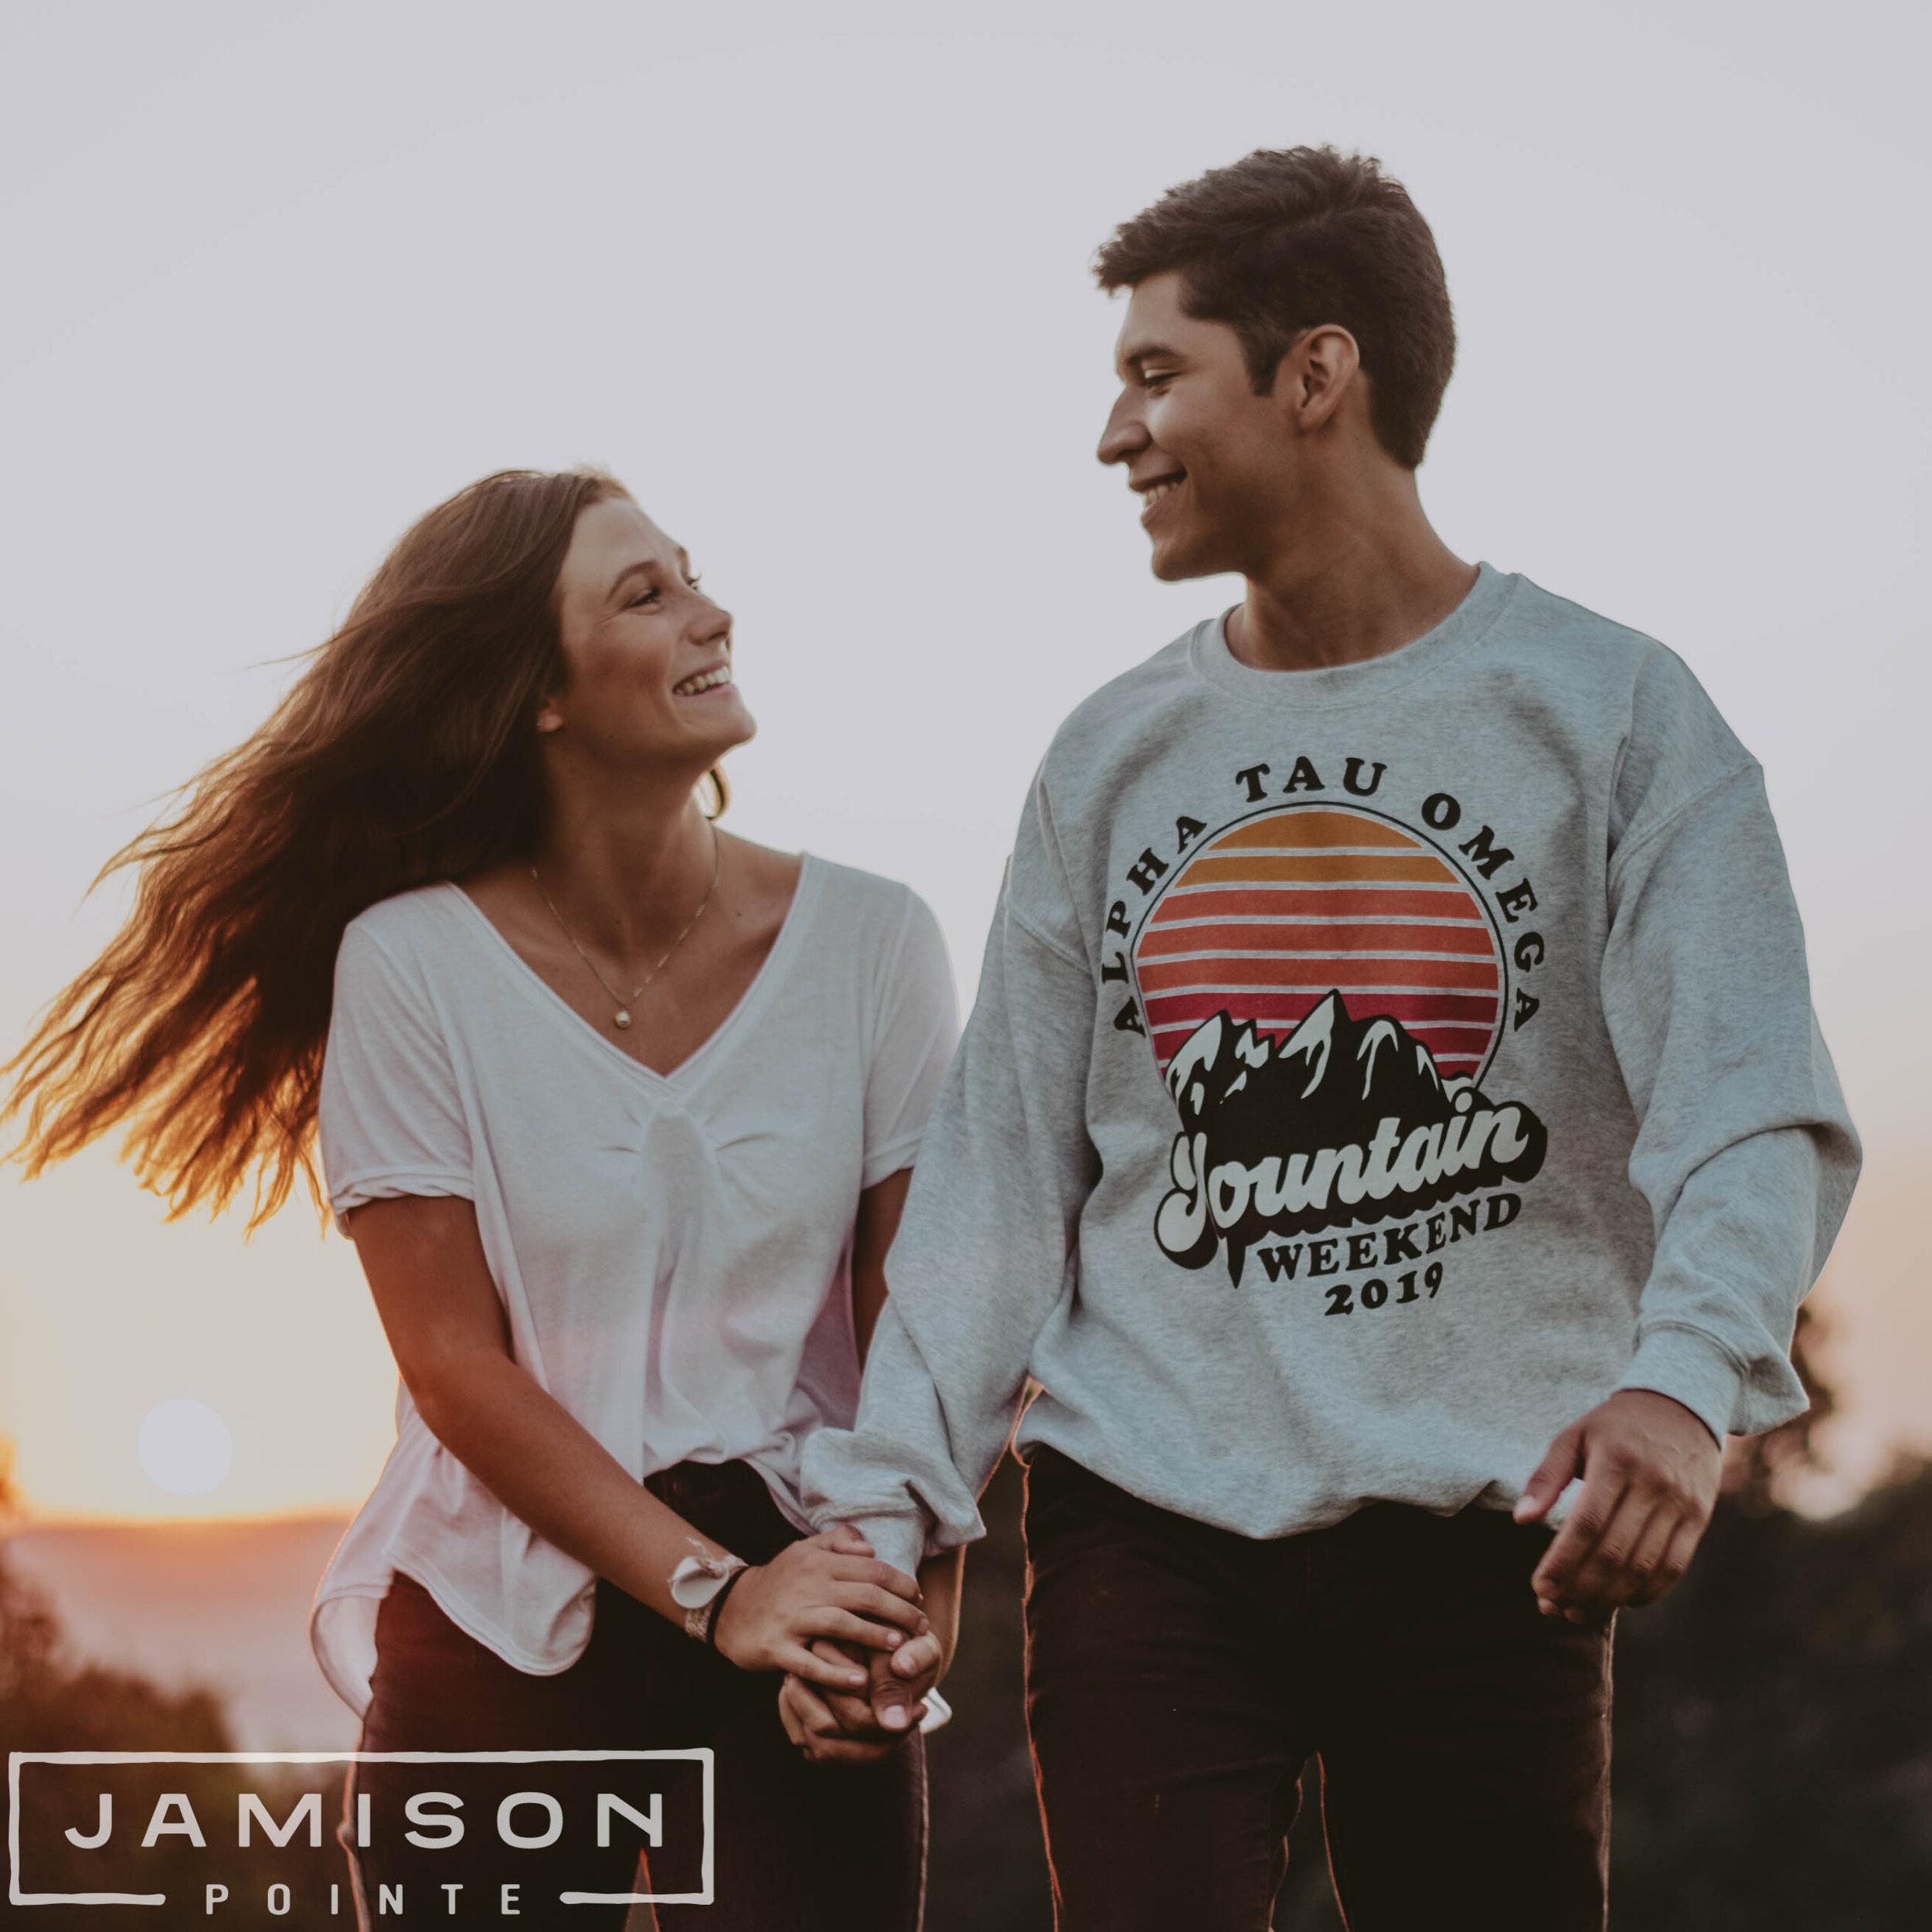 ATO Mountain Weekend Sweatshirt